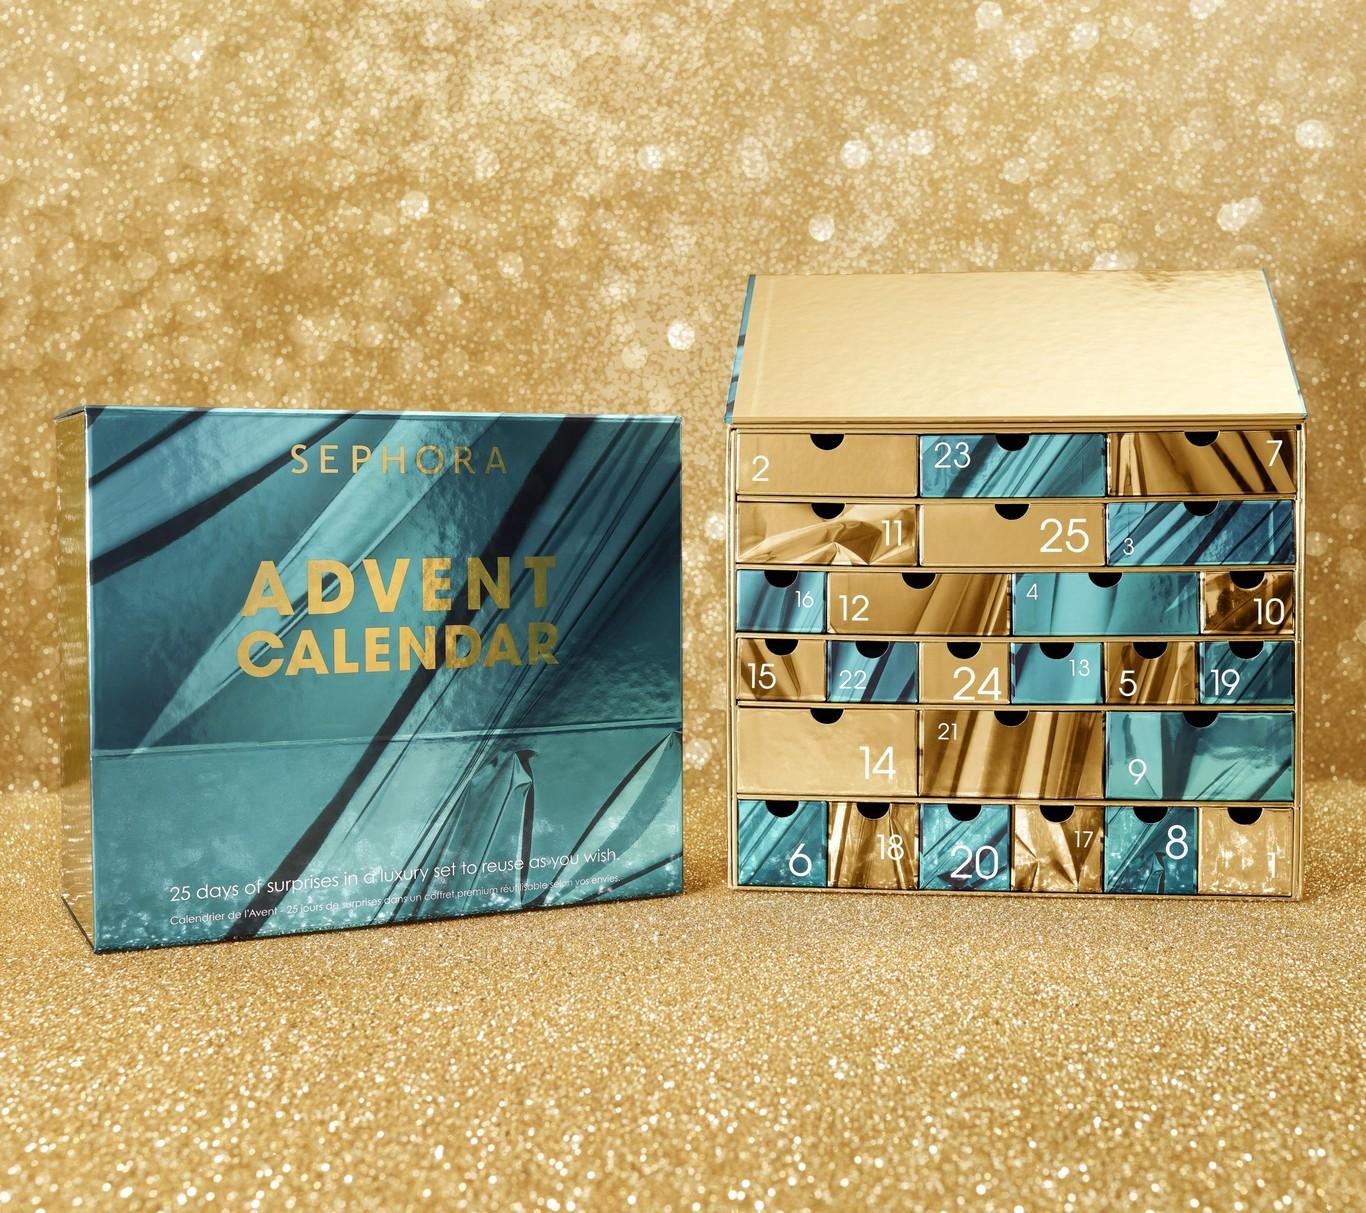 Nuevo objeto de deseo: el calendario de adviento de Sephora (que puede ser tuyo en preventa)